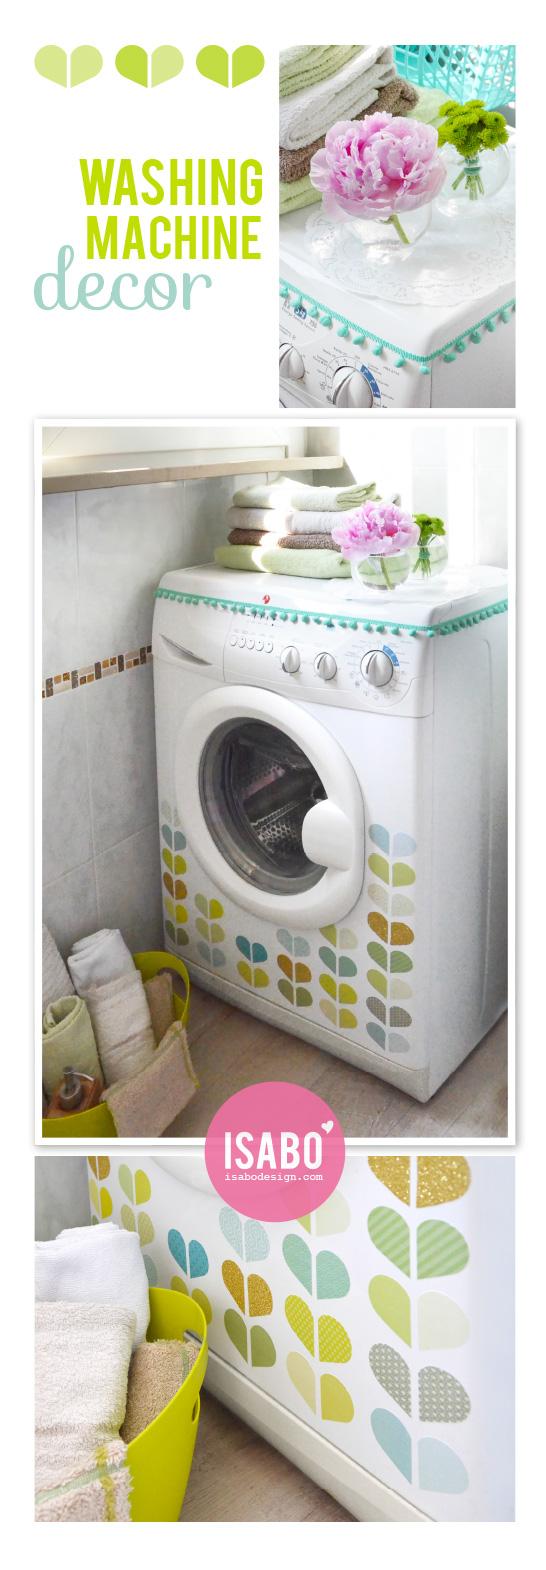 isabo-marinozzi-lavatrice-decor-washing-machine